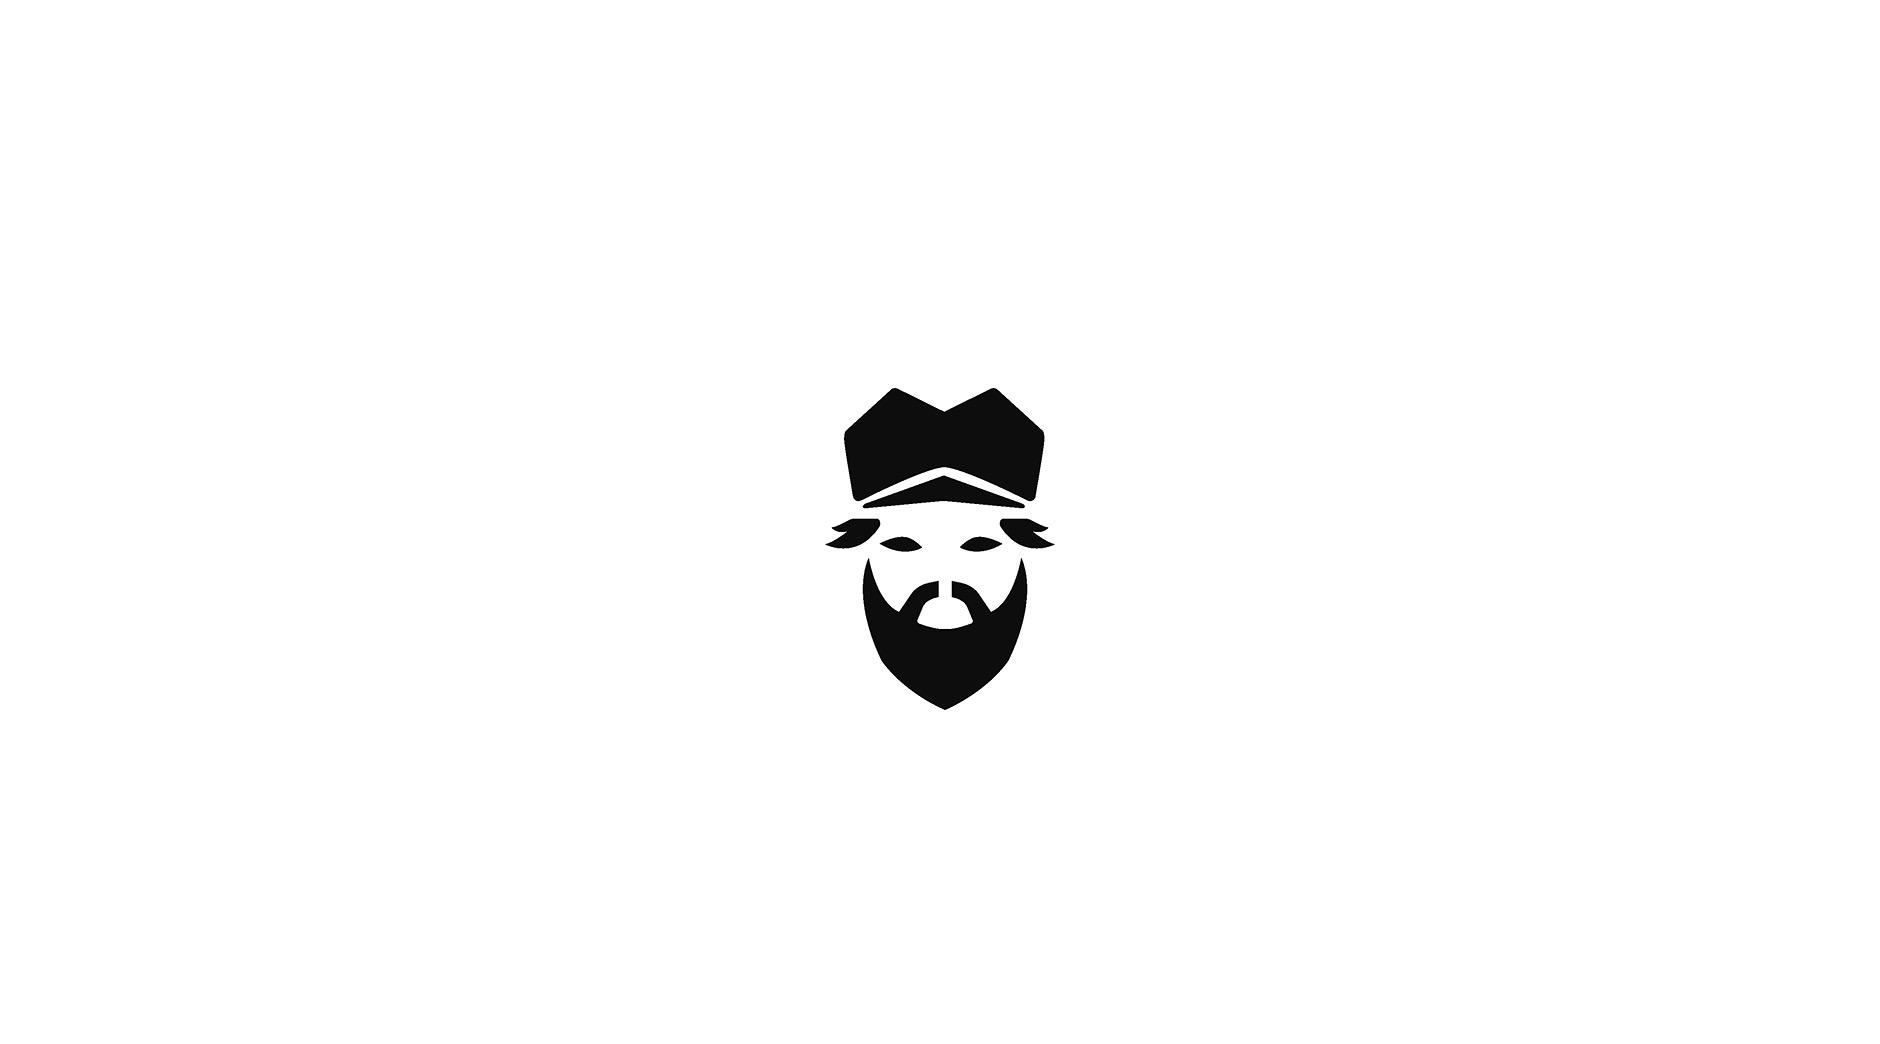 nfb_ww_logo